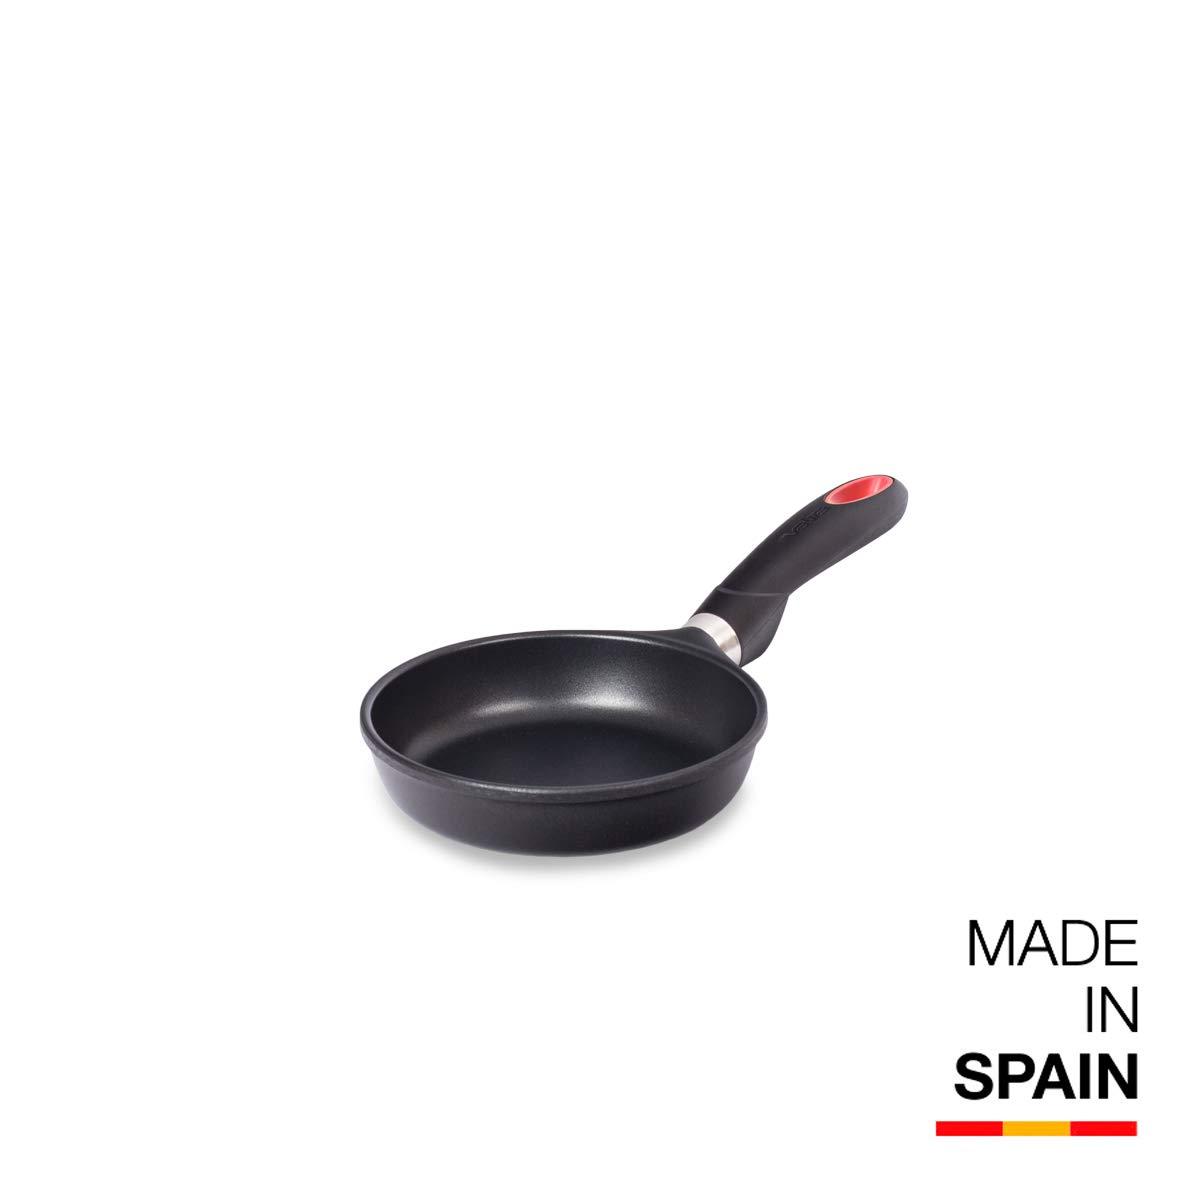 Valira Tecnoform - Sartén Premium de 16 cm hecha en España, aluminio fundido con antiadherente